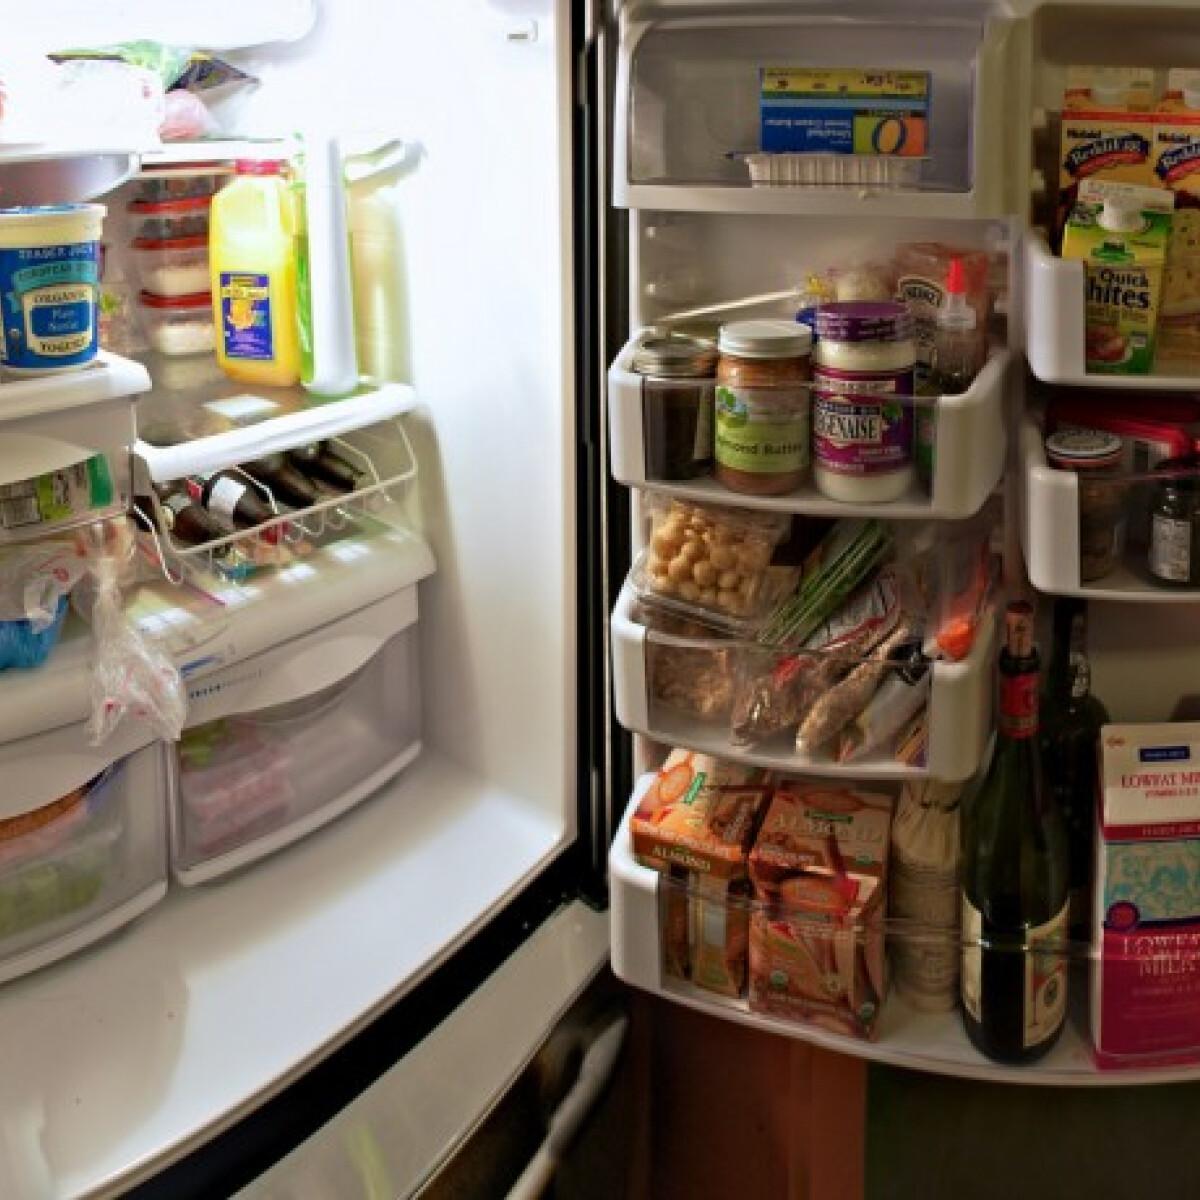 Káosz a hűtőben? Többé már nem!